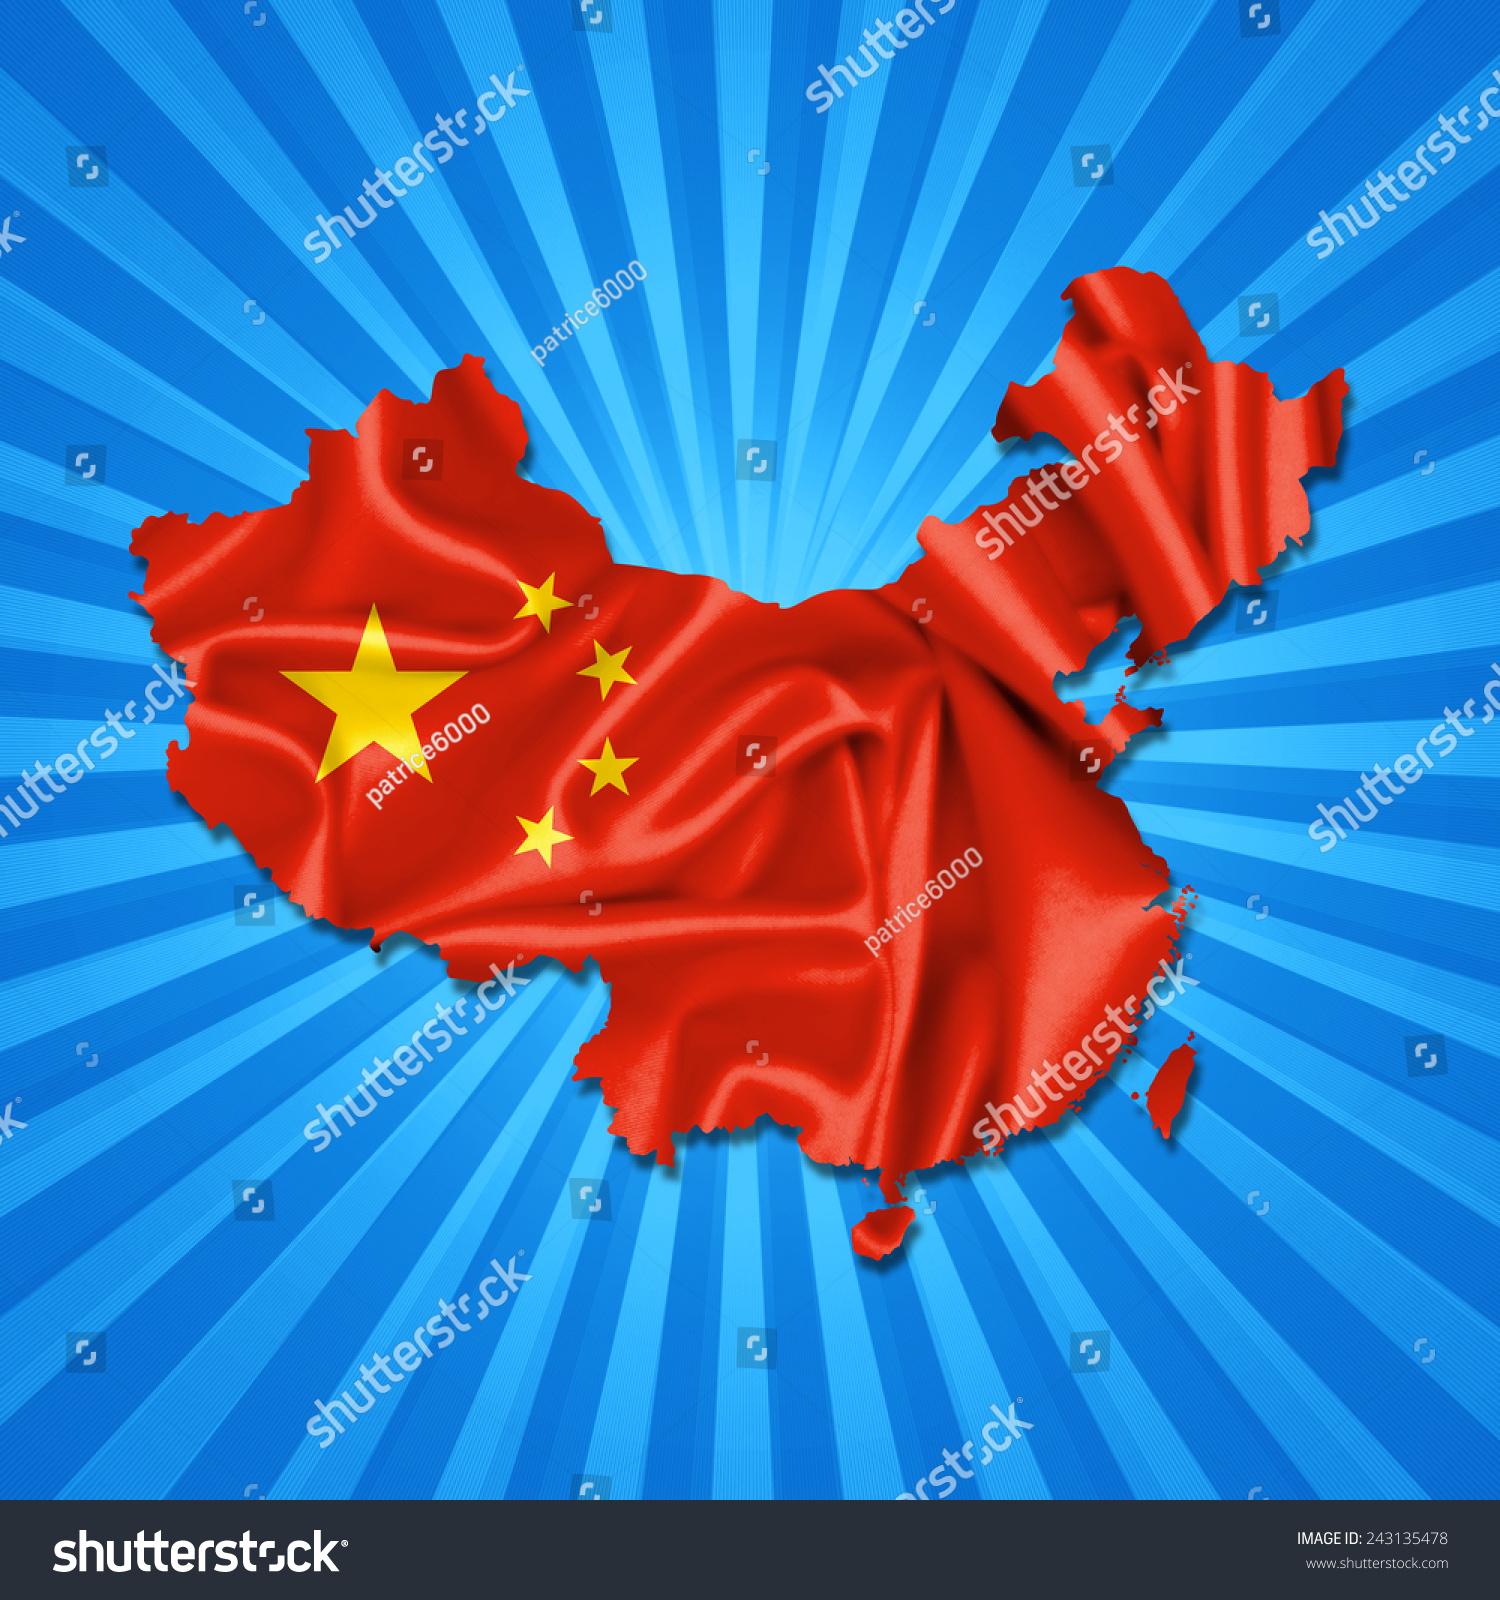 中国国旗,织物和太阳背景图-背景/素材